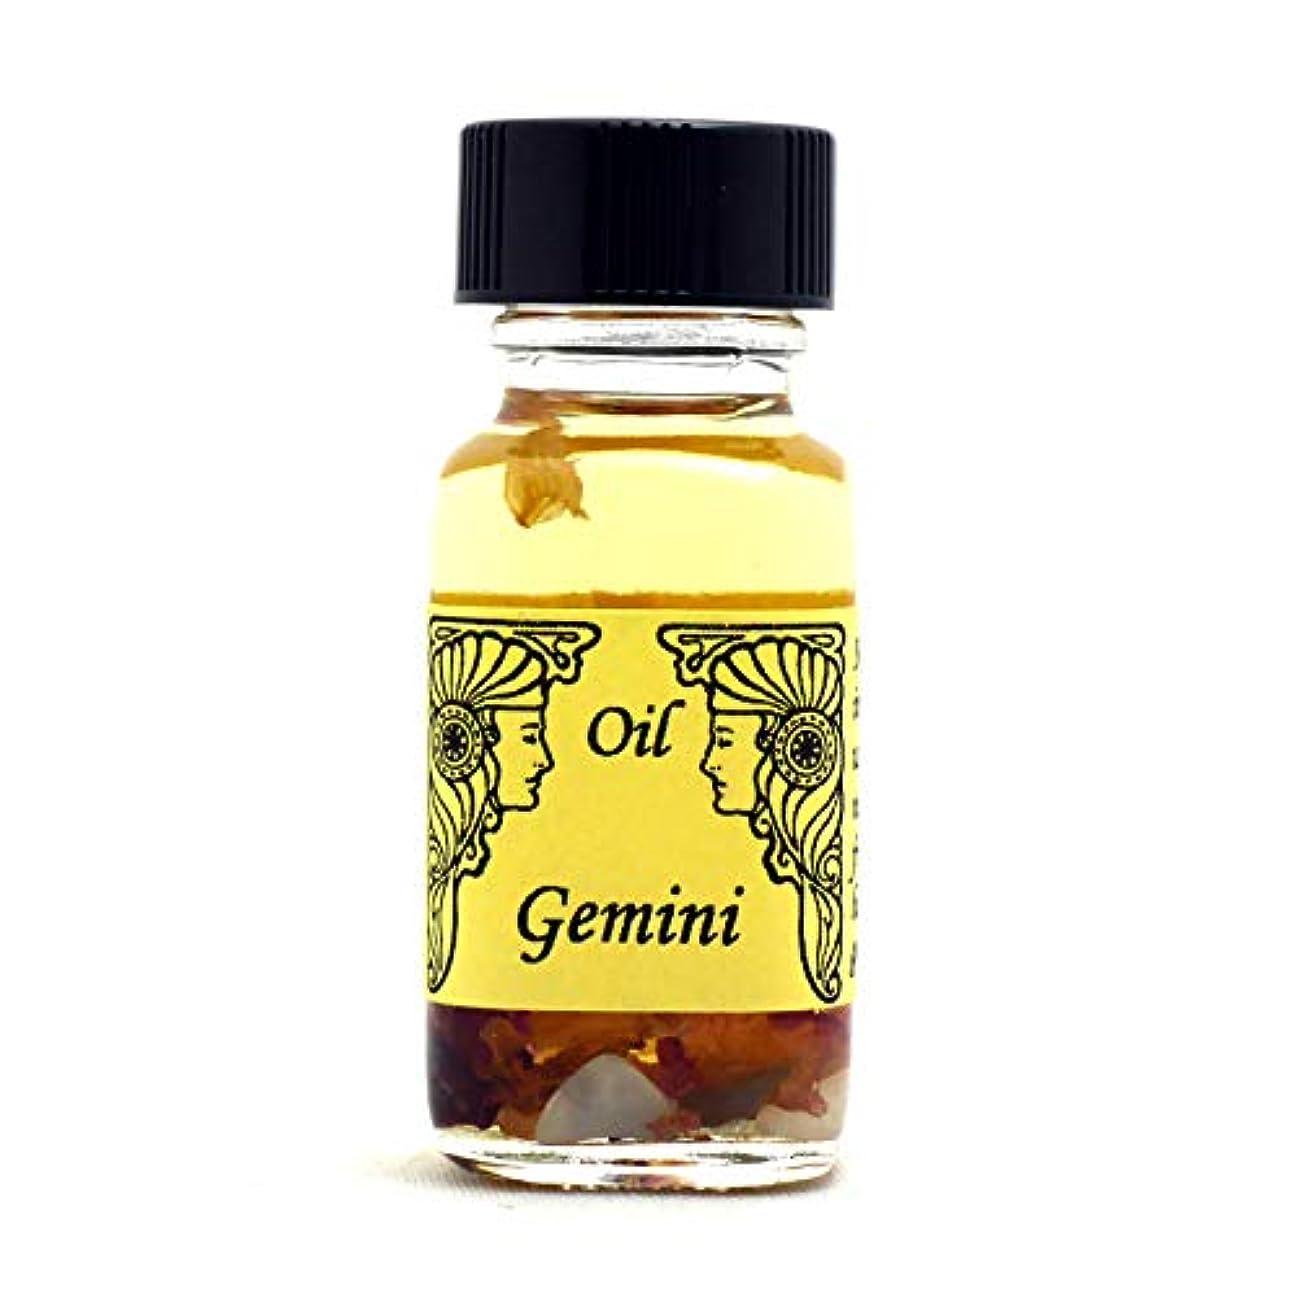 稚魚性差別テニスアンシェントメモリーオイル 12星座オイル(占星術オイル)Gemini ふたご座 5月21日~6月20日